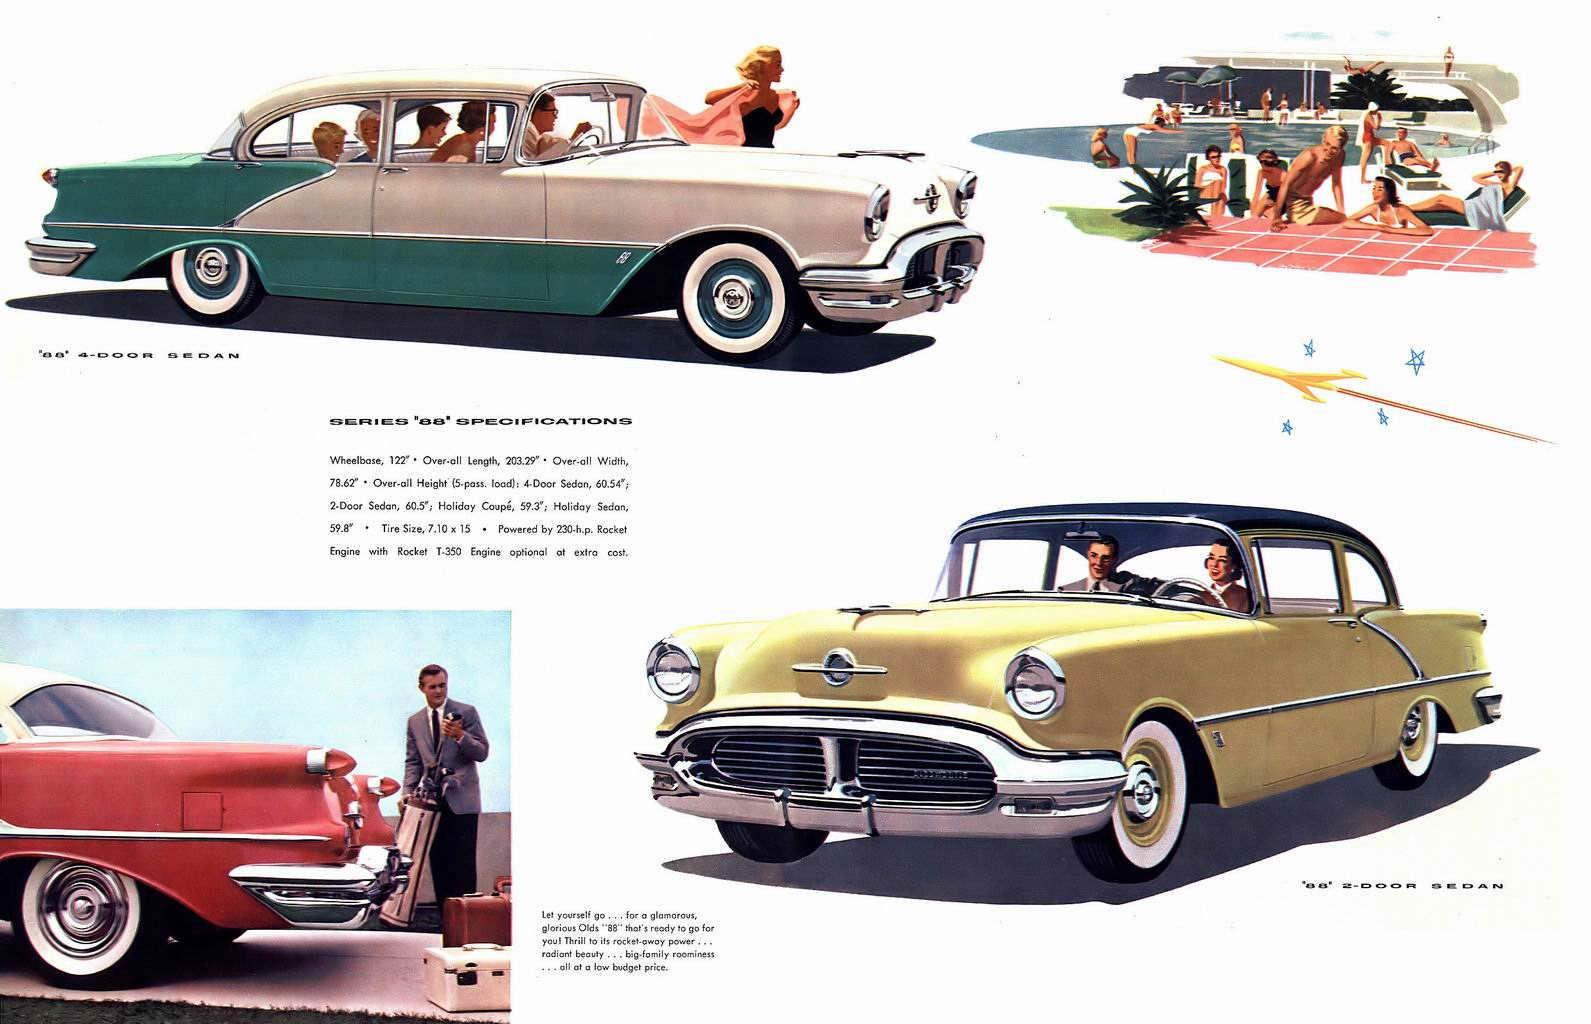 88 vs super 88 - ClassicOldsmobile com